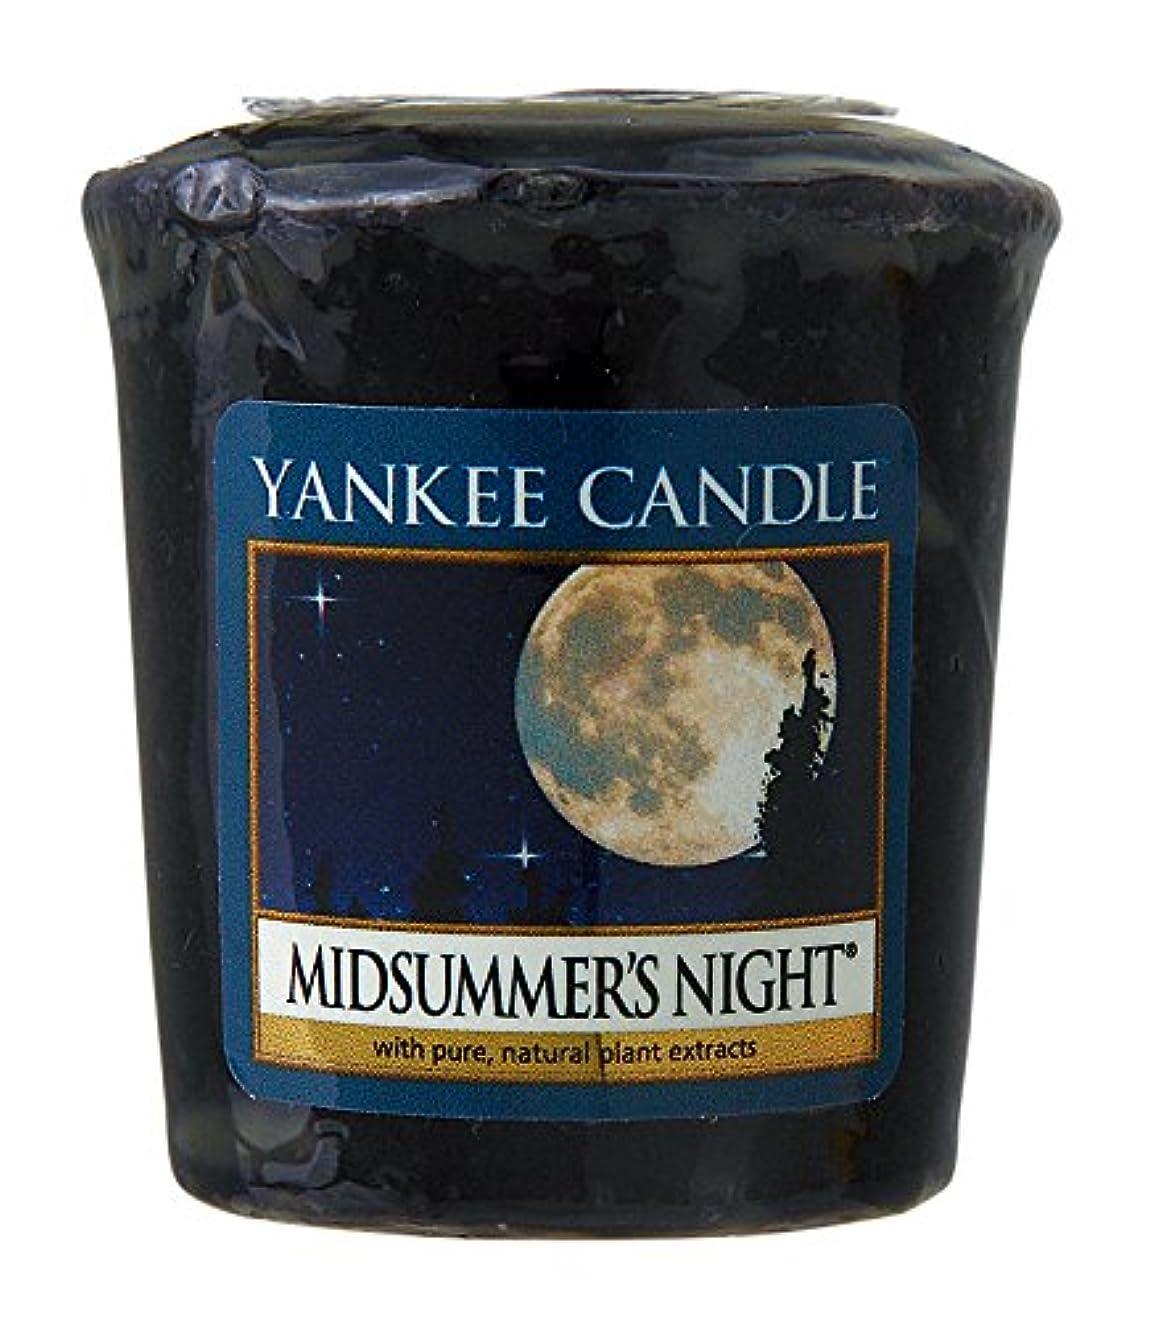 思い出す植物の邪悪なヤンキーキャンドル サンプラー お試しサイズ ミッドサマーナイト 燃焼時間約15時間 YANKEECANDLE アメリカ製